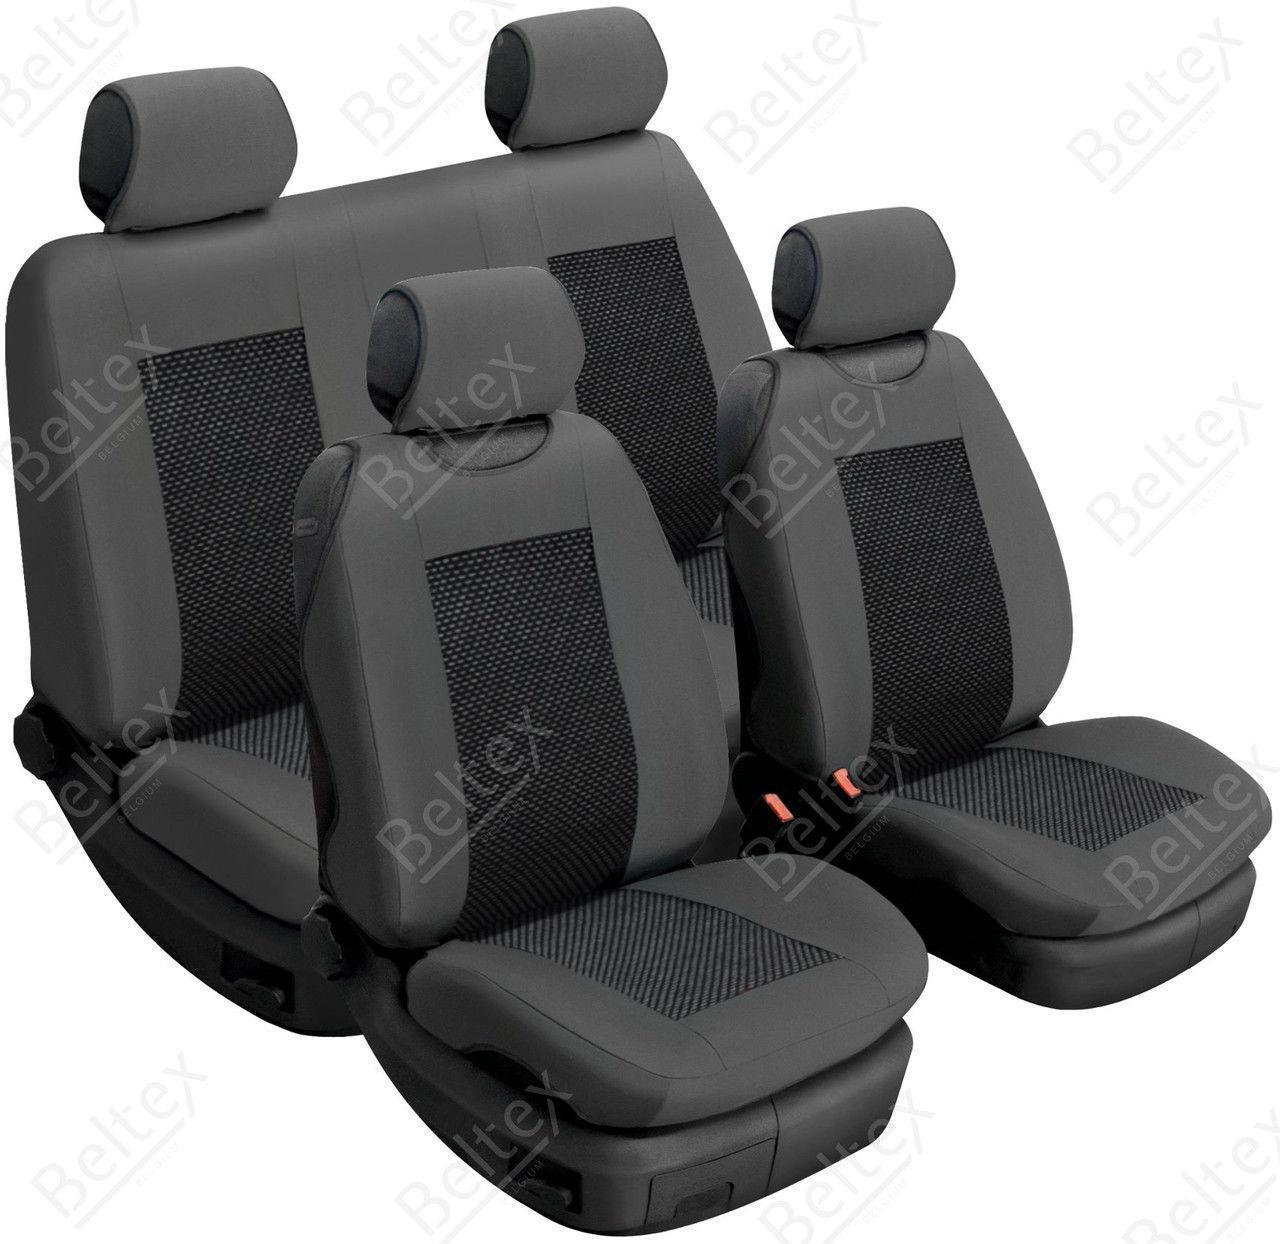 Майки/чехлы на сиденья Хендай Элантра (Hyundai Elantra)